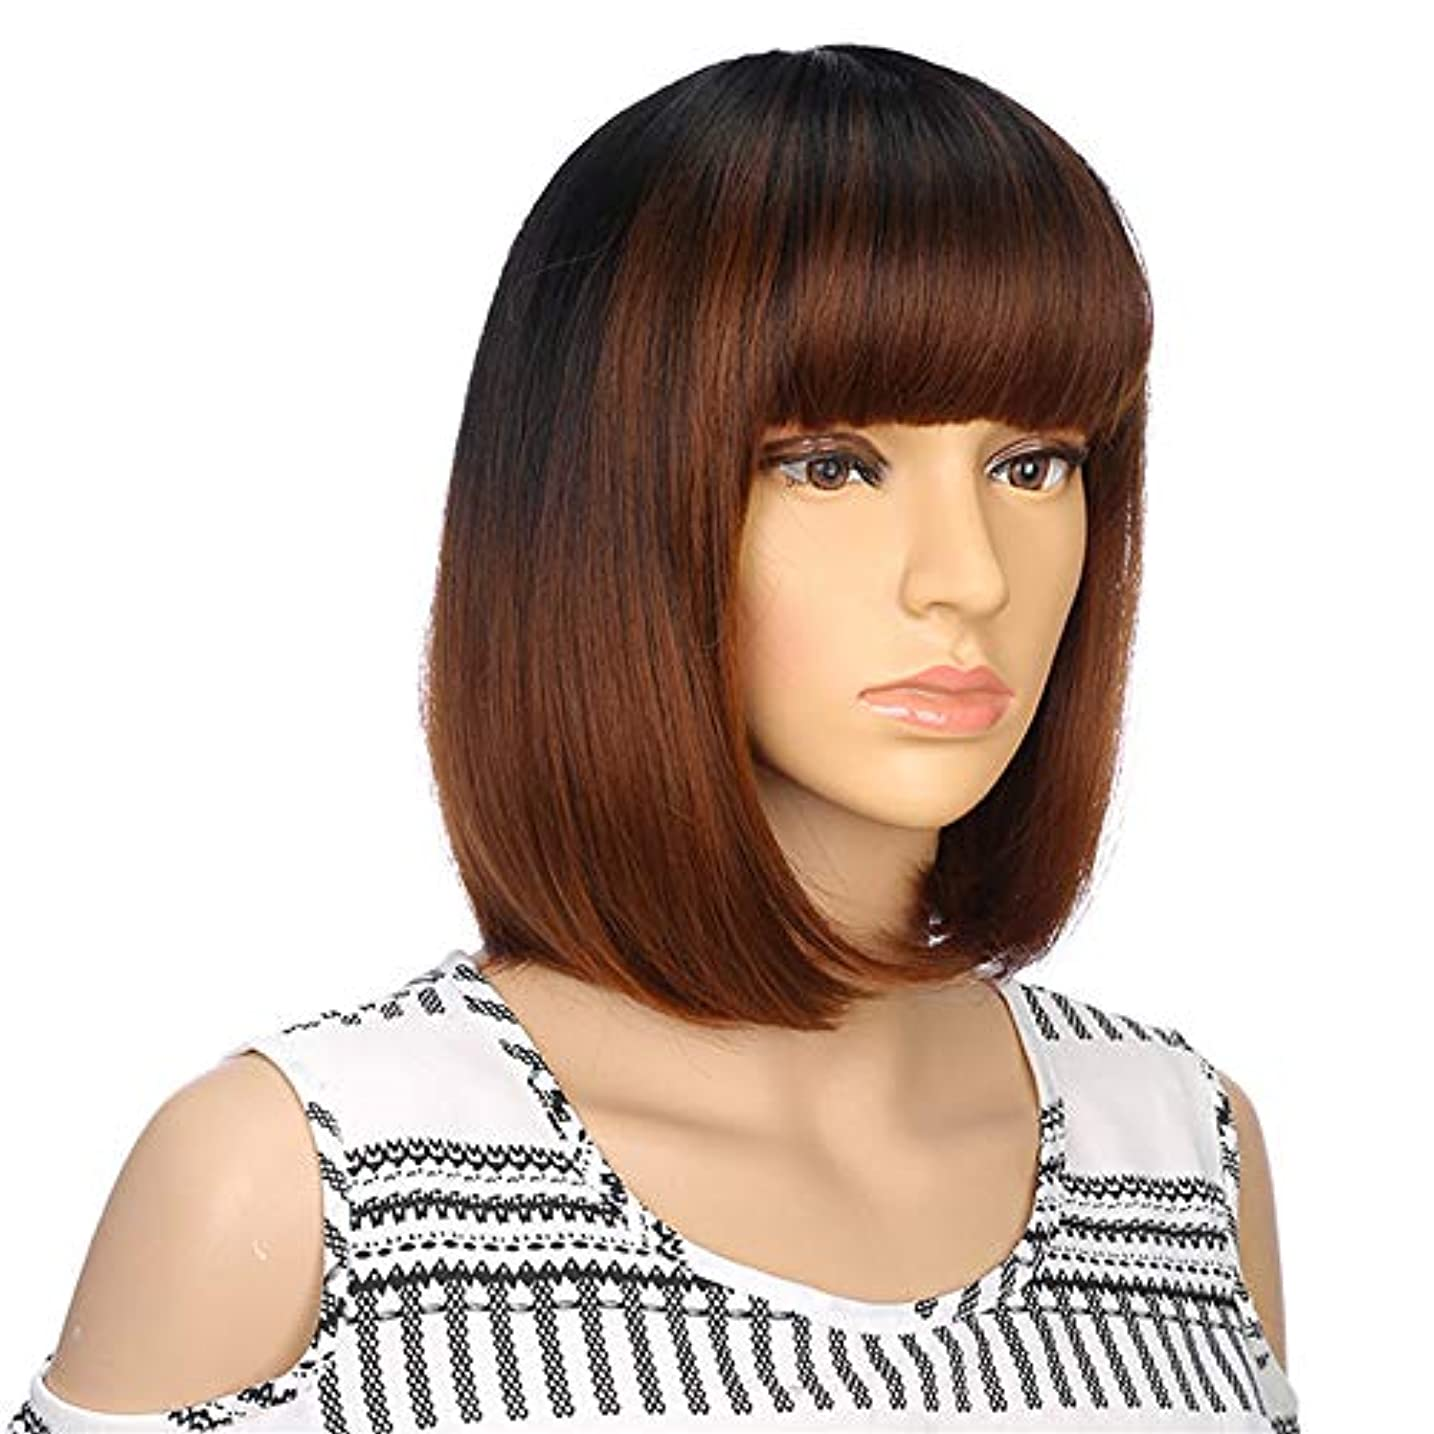 すぐに用心する子音ヘアエクステンション合成ブラウンストレートウィッグ女性用前髪長ボブヘアウィッグ耐熱ヘアスタイルコスプレウィッグ13インチ